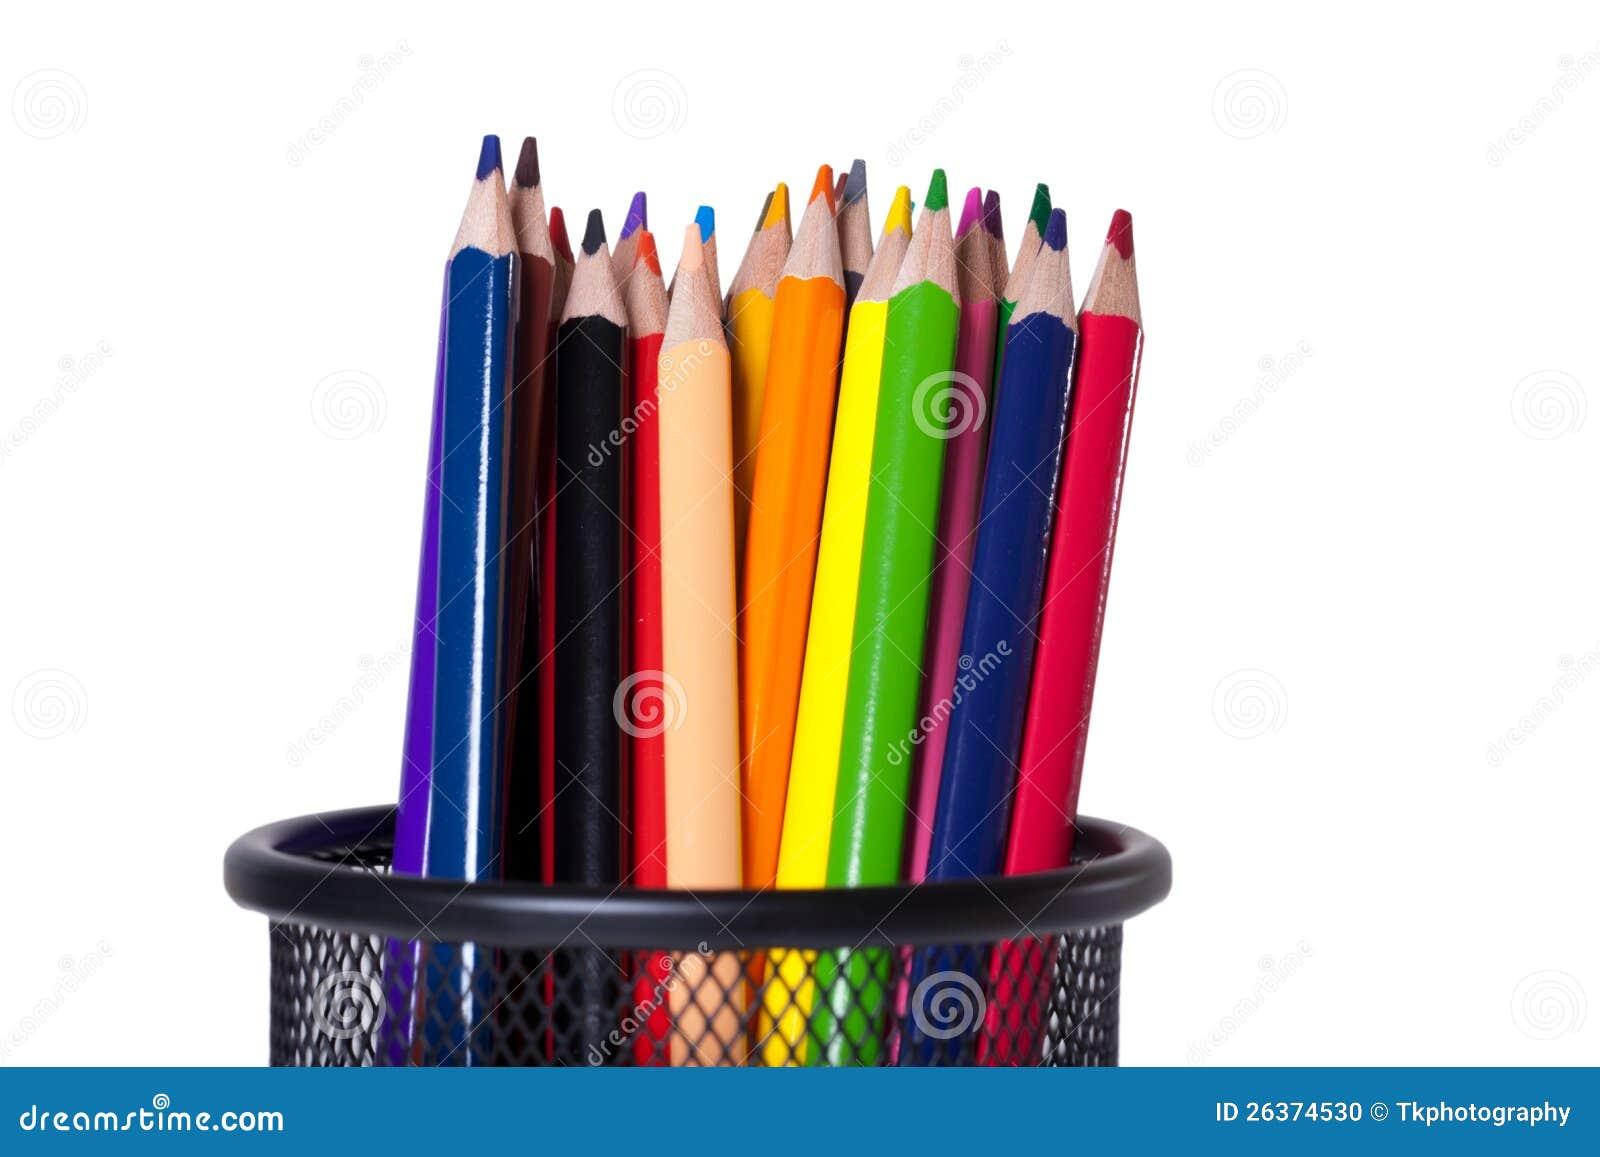 Bunte Bleistifte in einer Federhalterung